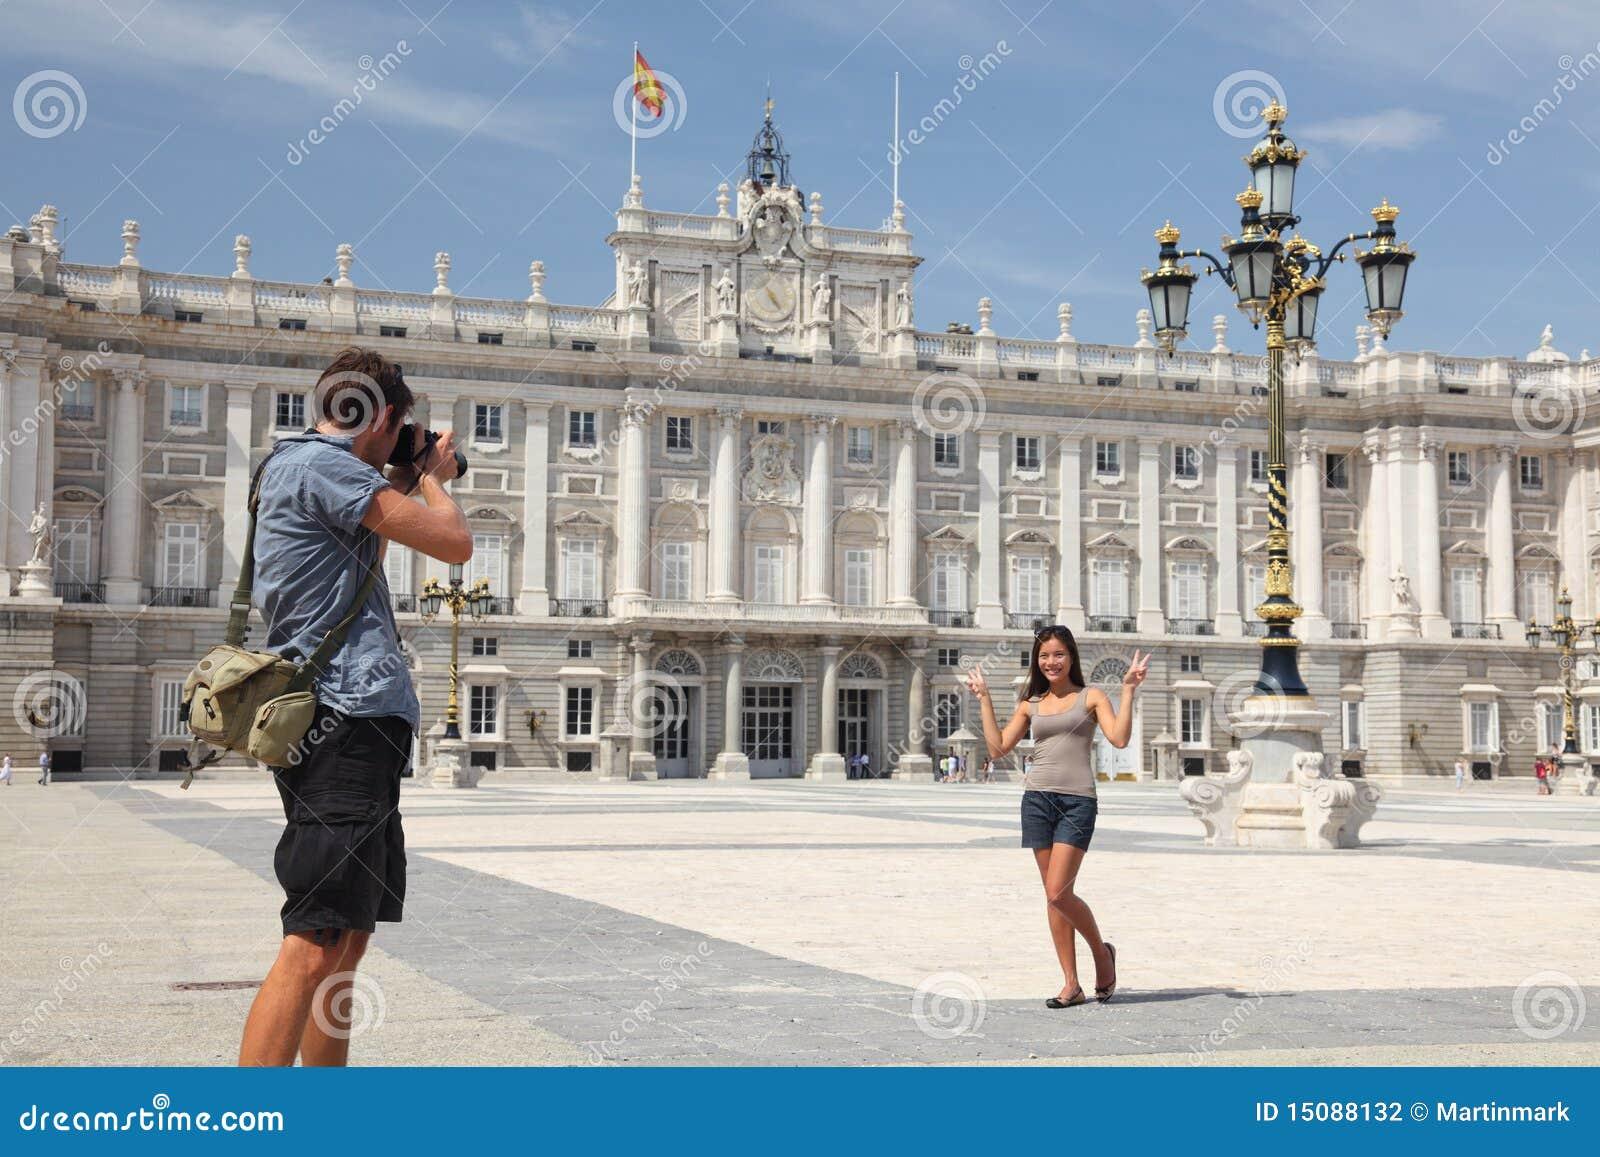 Madrid - Royal Palace tourists